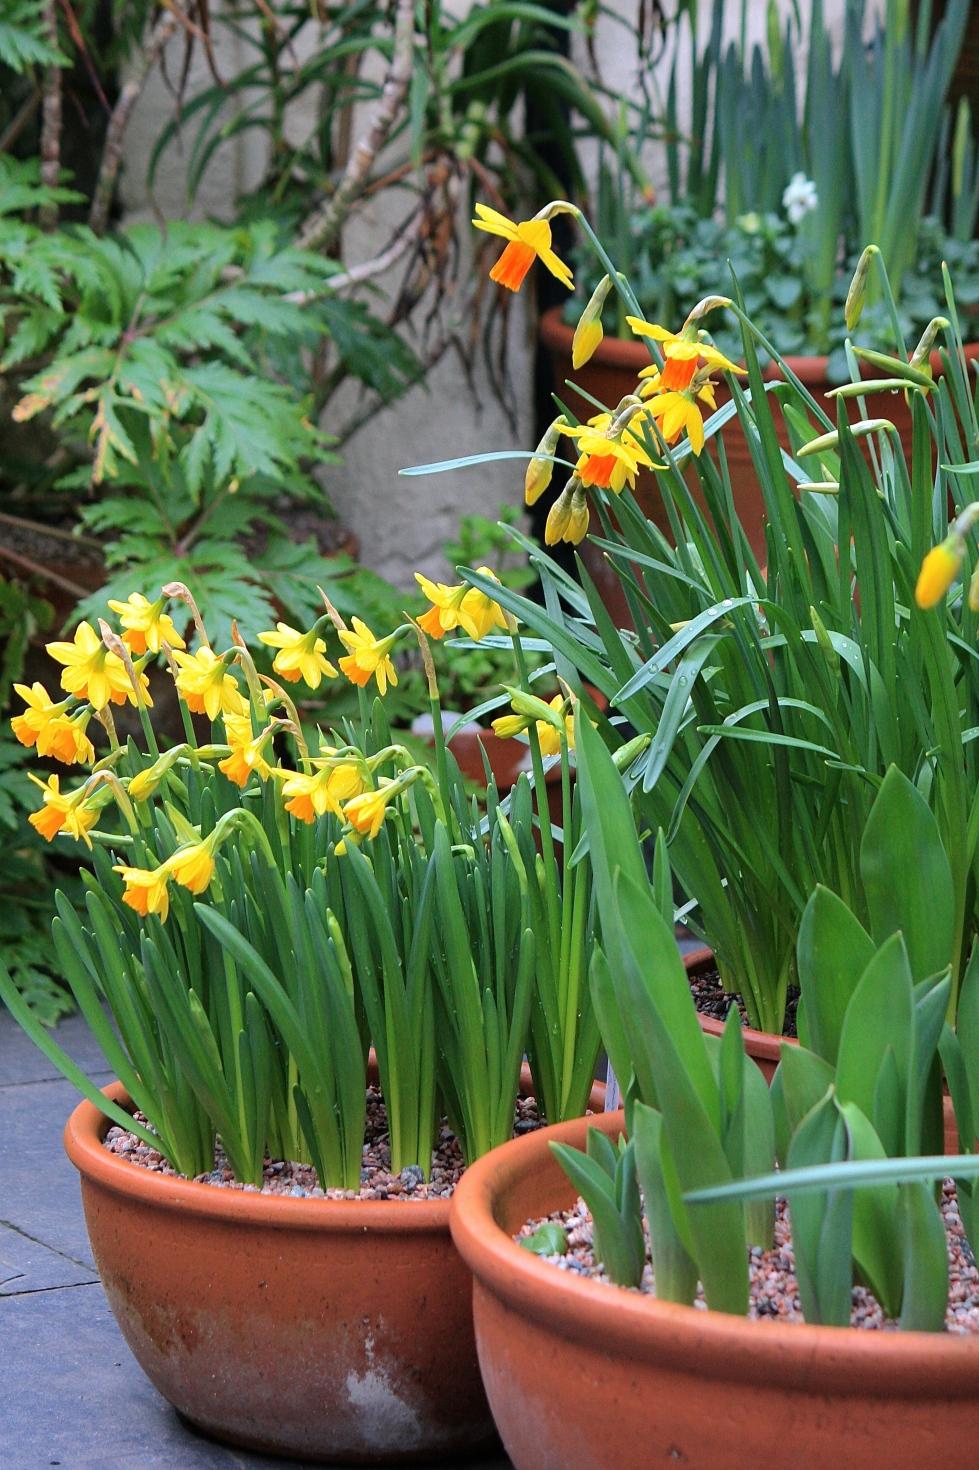 Narcissus 'Tete-a-Tete' and Narcissus 'Jetfire', Feb 2014